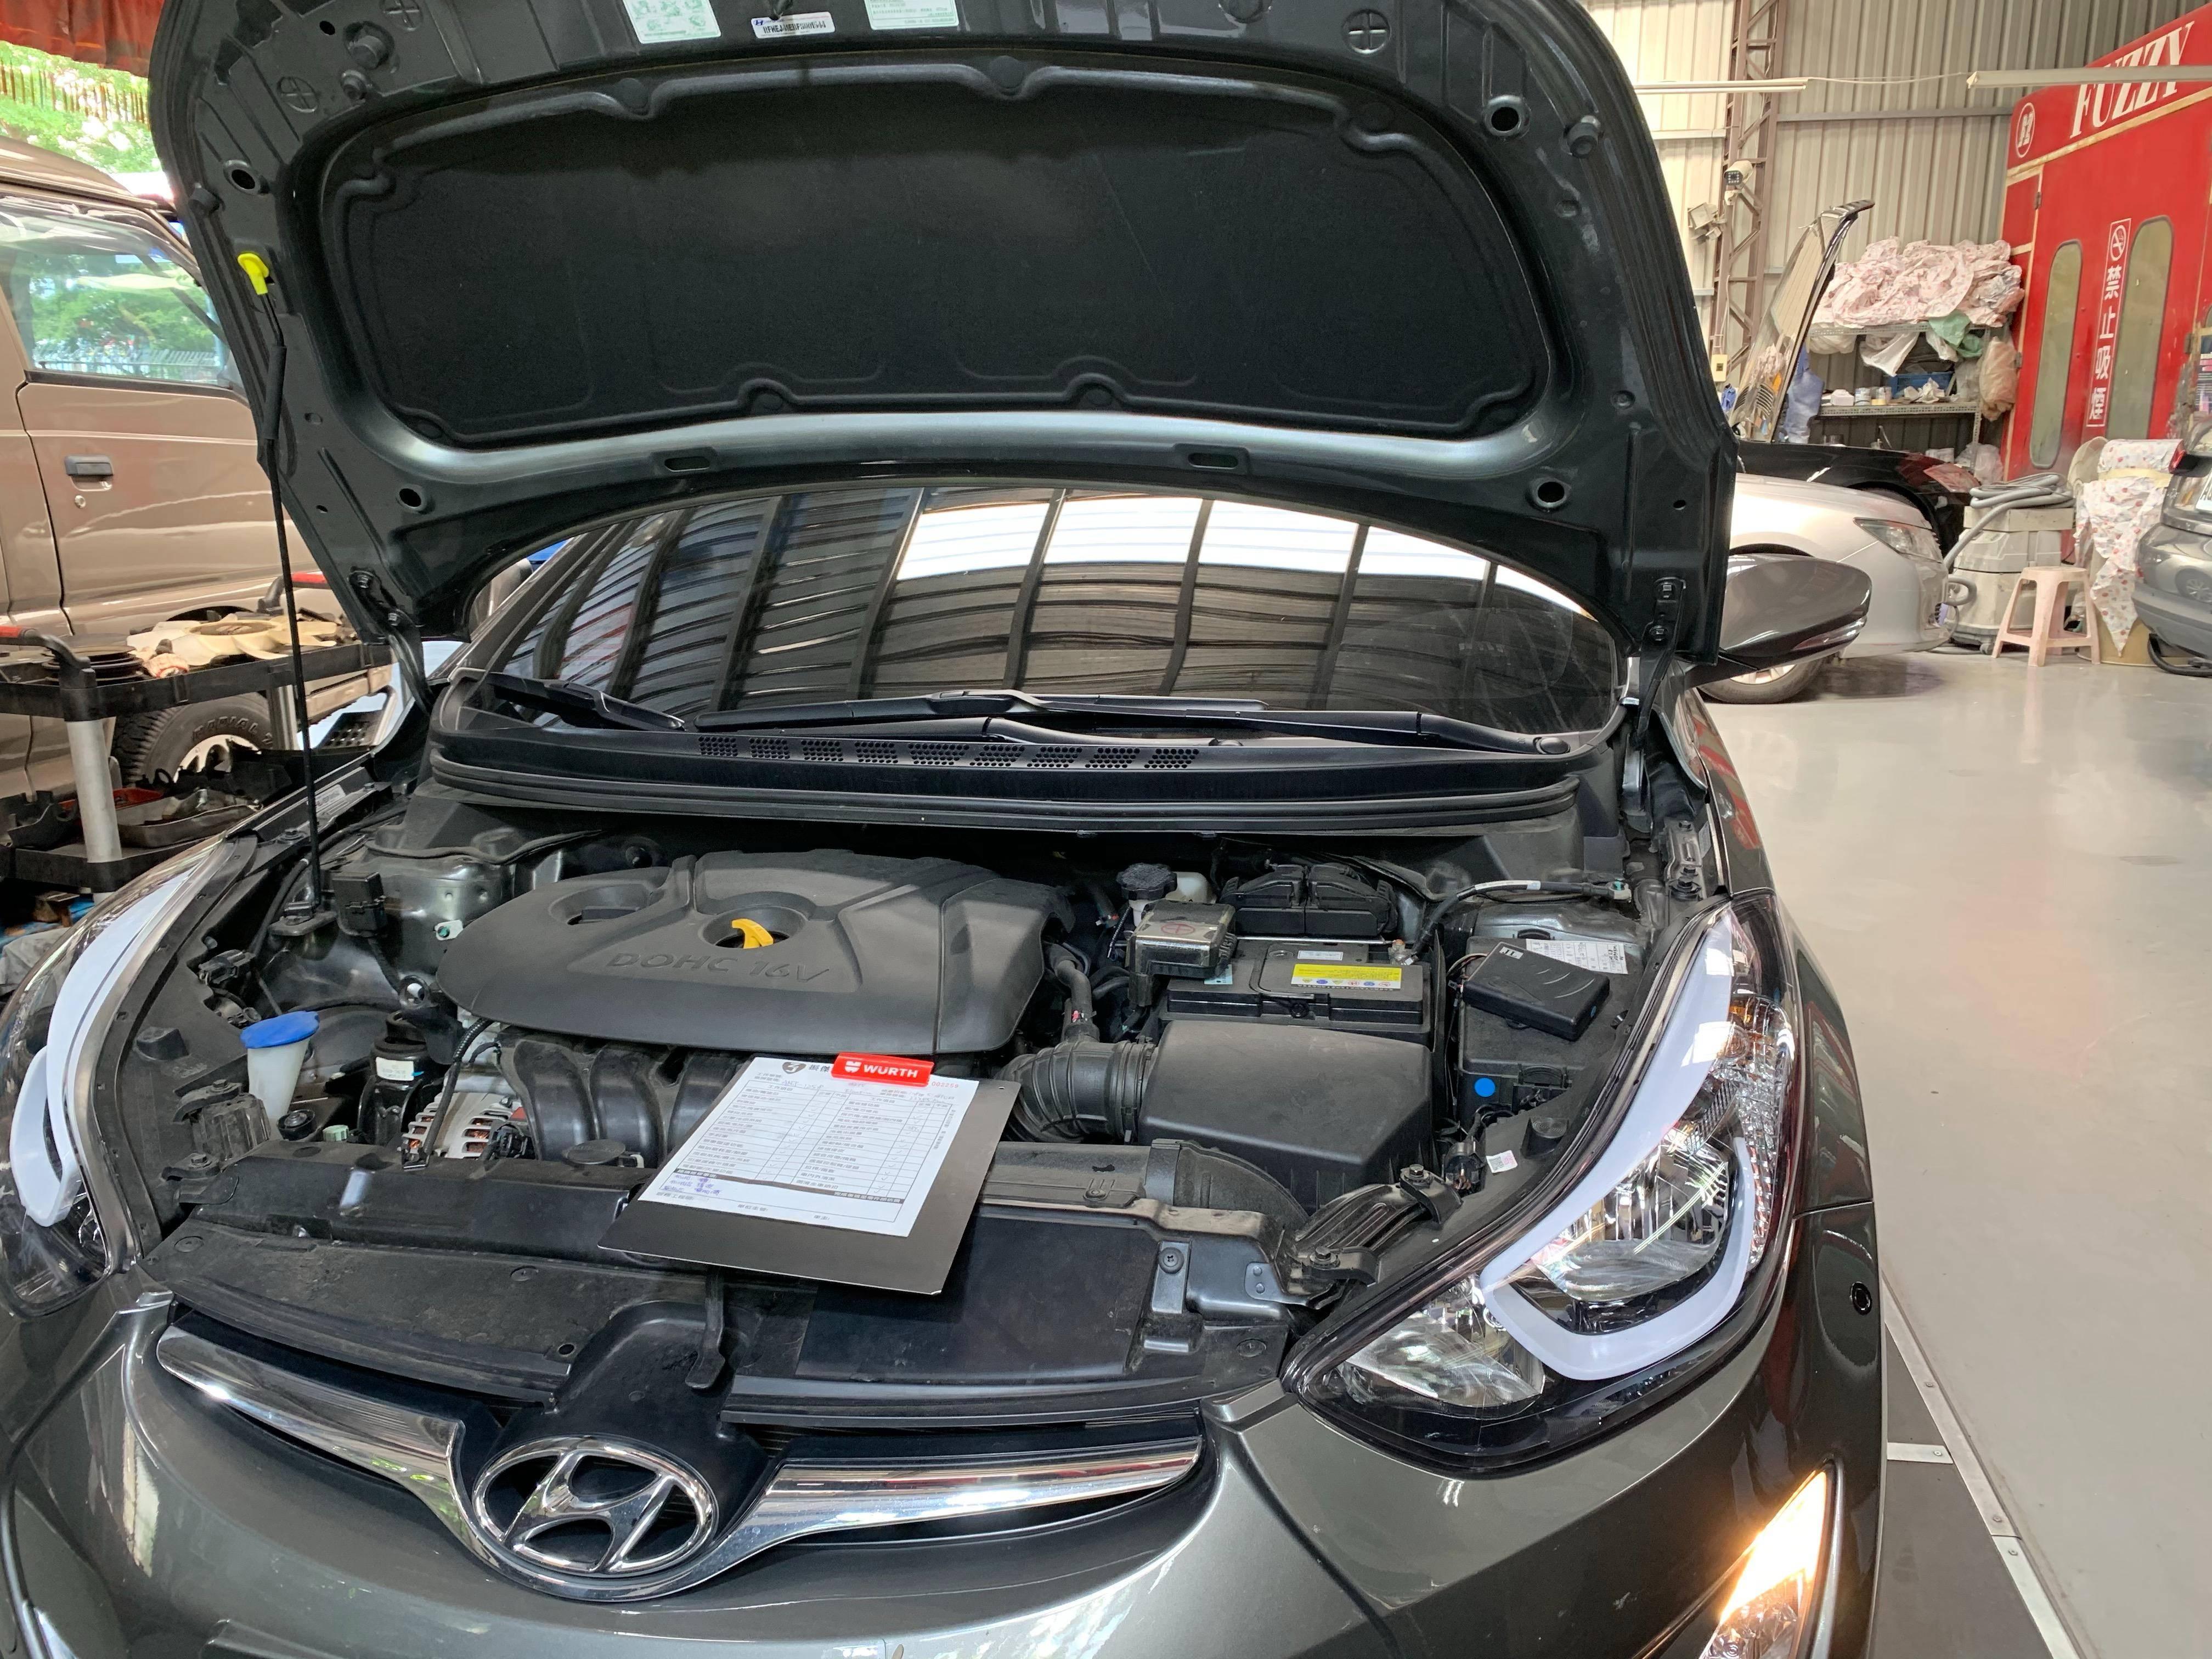 【振傑汽車】現代/HYUNDAI ELANTRA 保養項目#車輛定期保養#玻璃去油膜